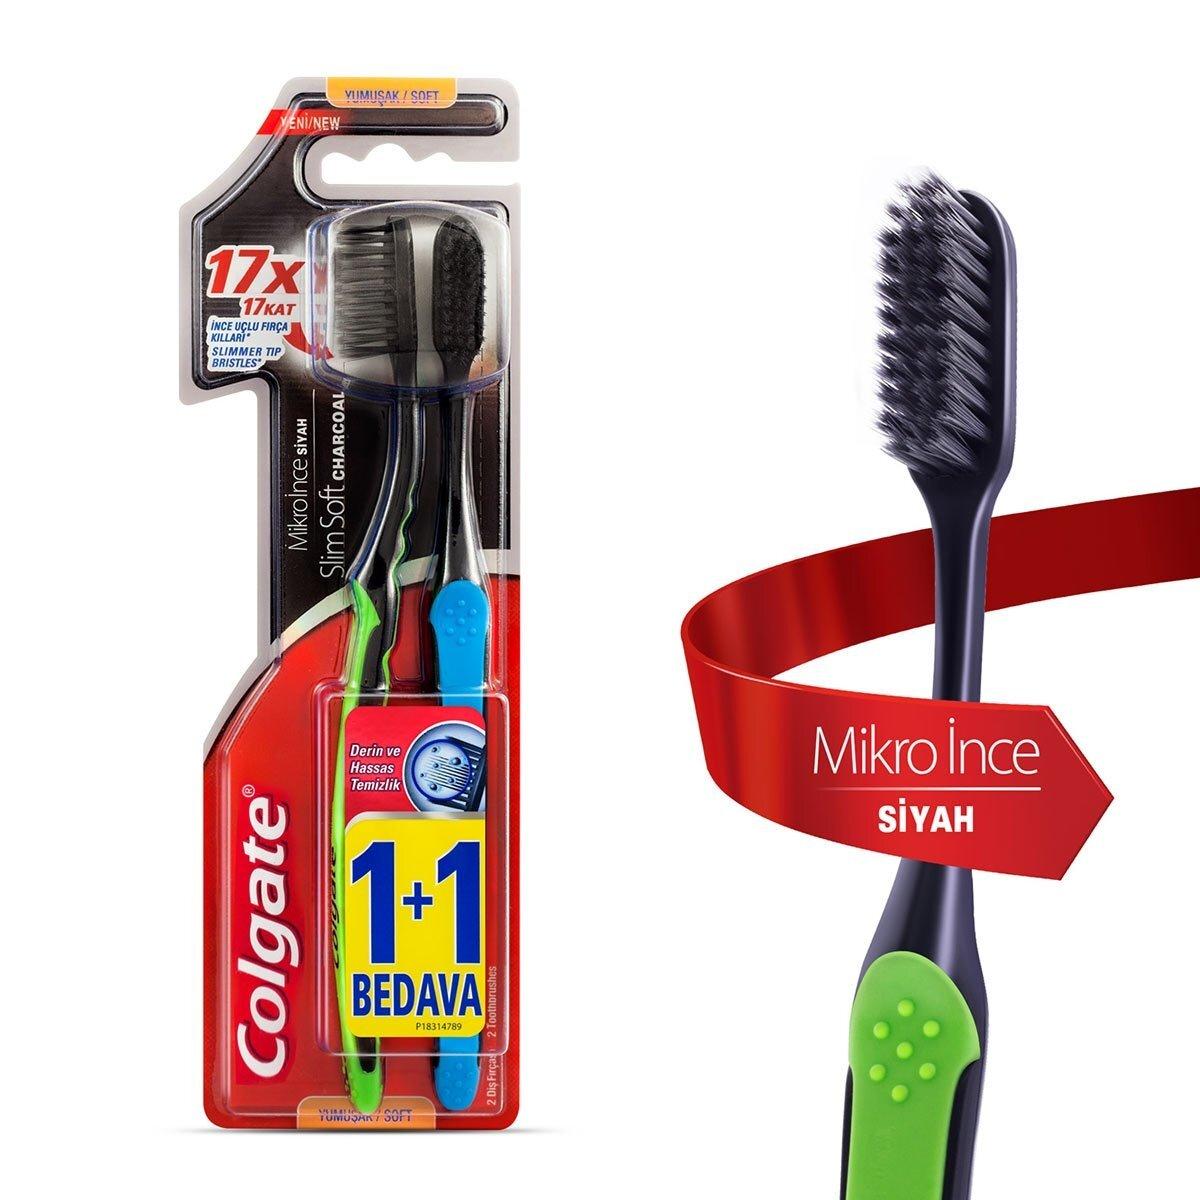 Mikro İnce Siyah Diş Fırçası Yumuşak 1+1, Derin ve Hassas Temizlik